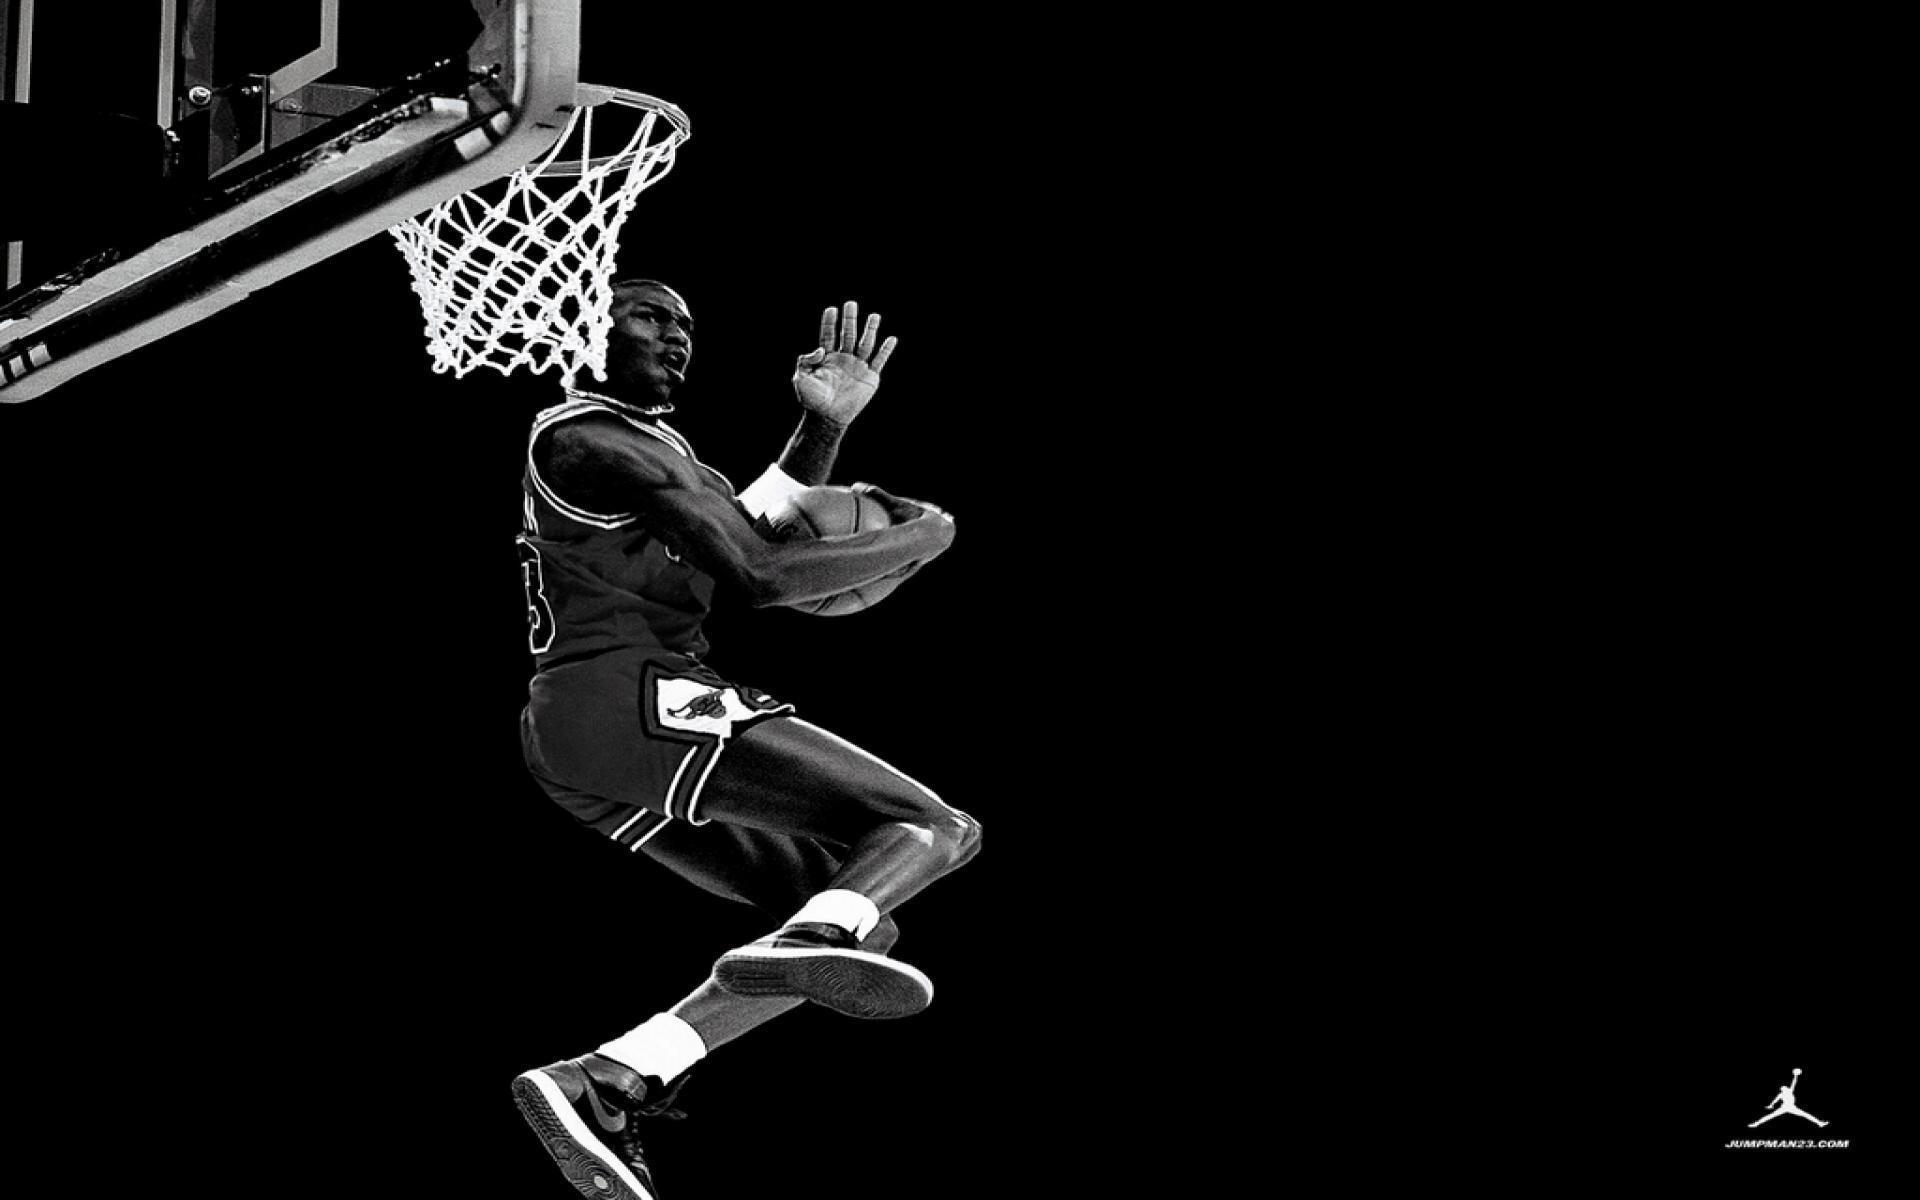 329de3374bf65d 2048x2048 Normal · Download · 1920x1080 Wallpaper Michael Jordan ...